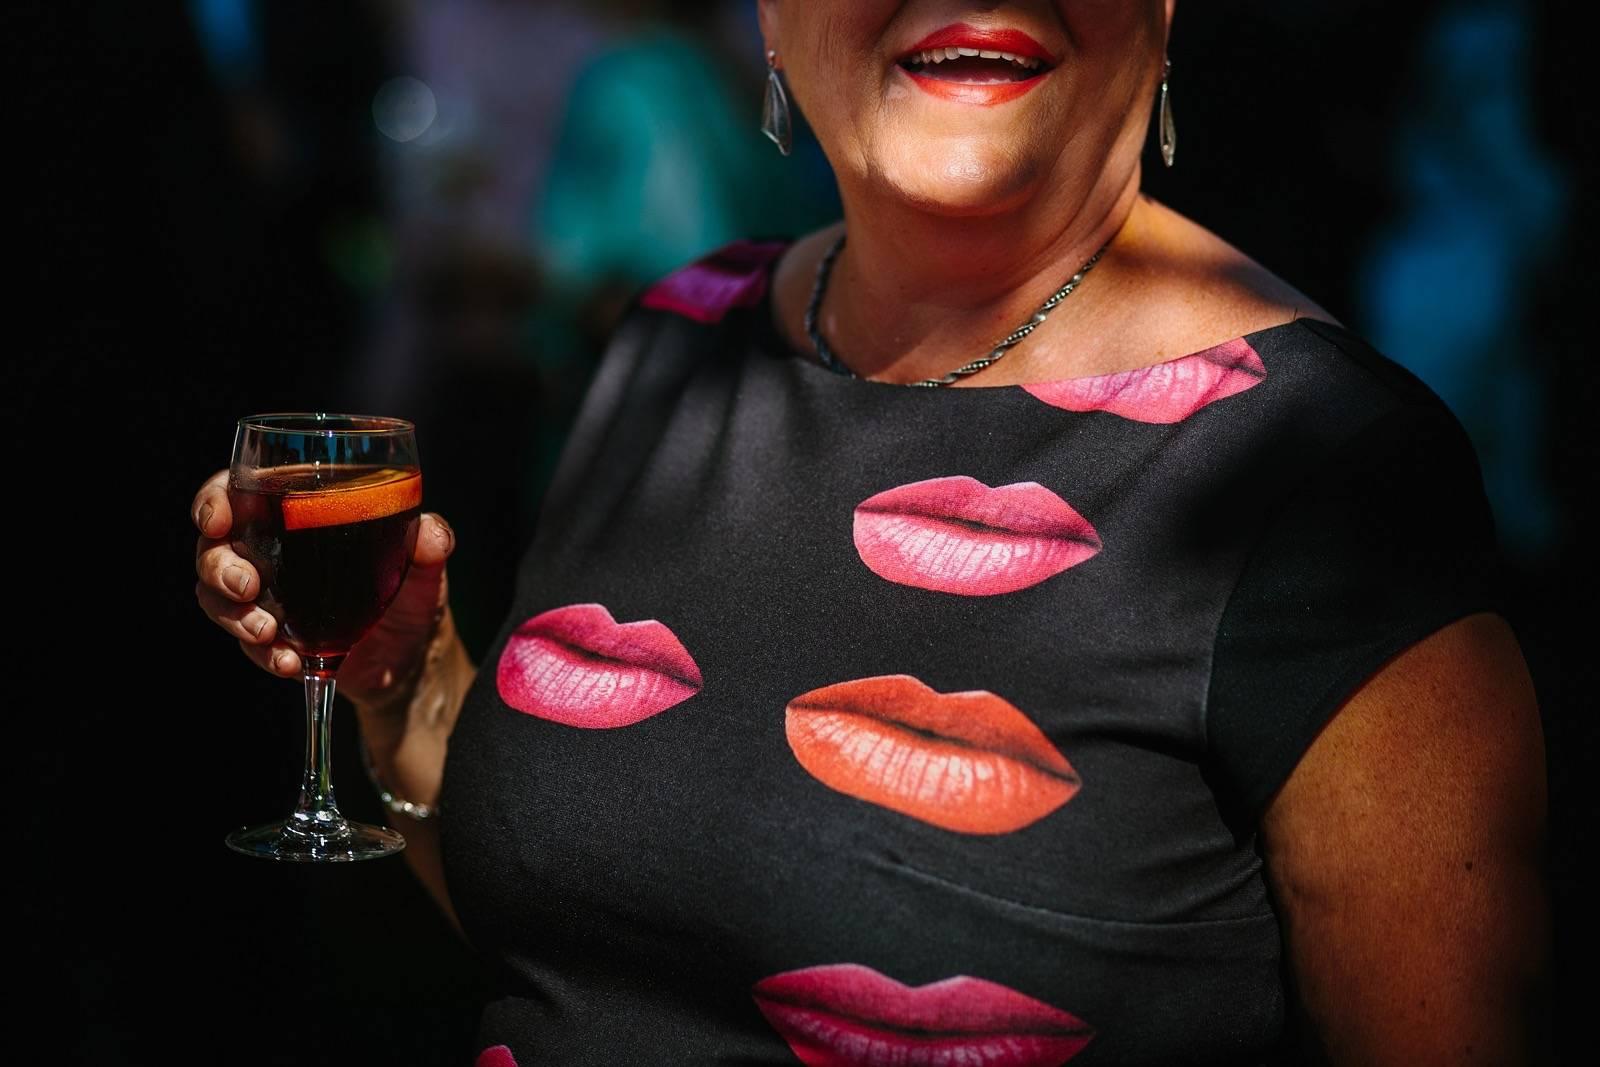 Yves Schepers Photography - Fotograaf - Huwelijksfotograaf - Trouwfotograaf - Bruidsfotograaf - House of Weddings - 26